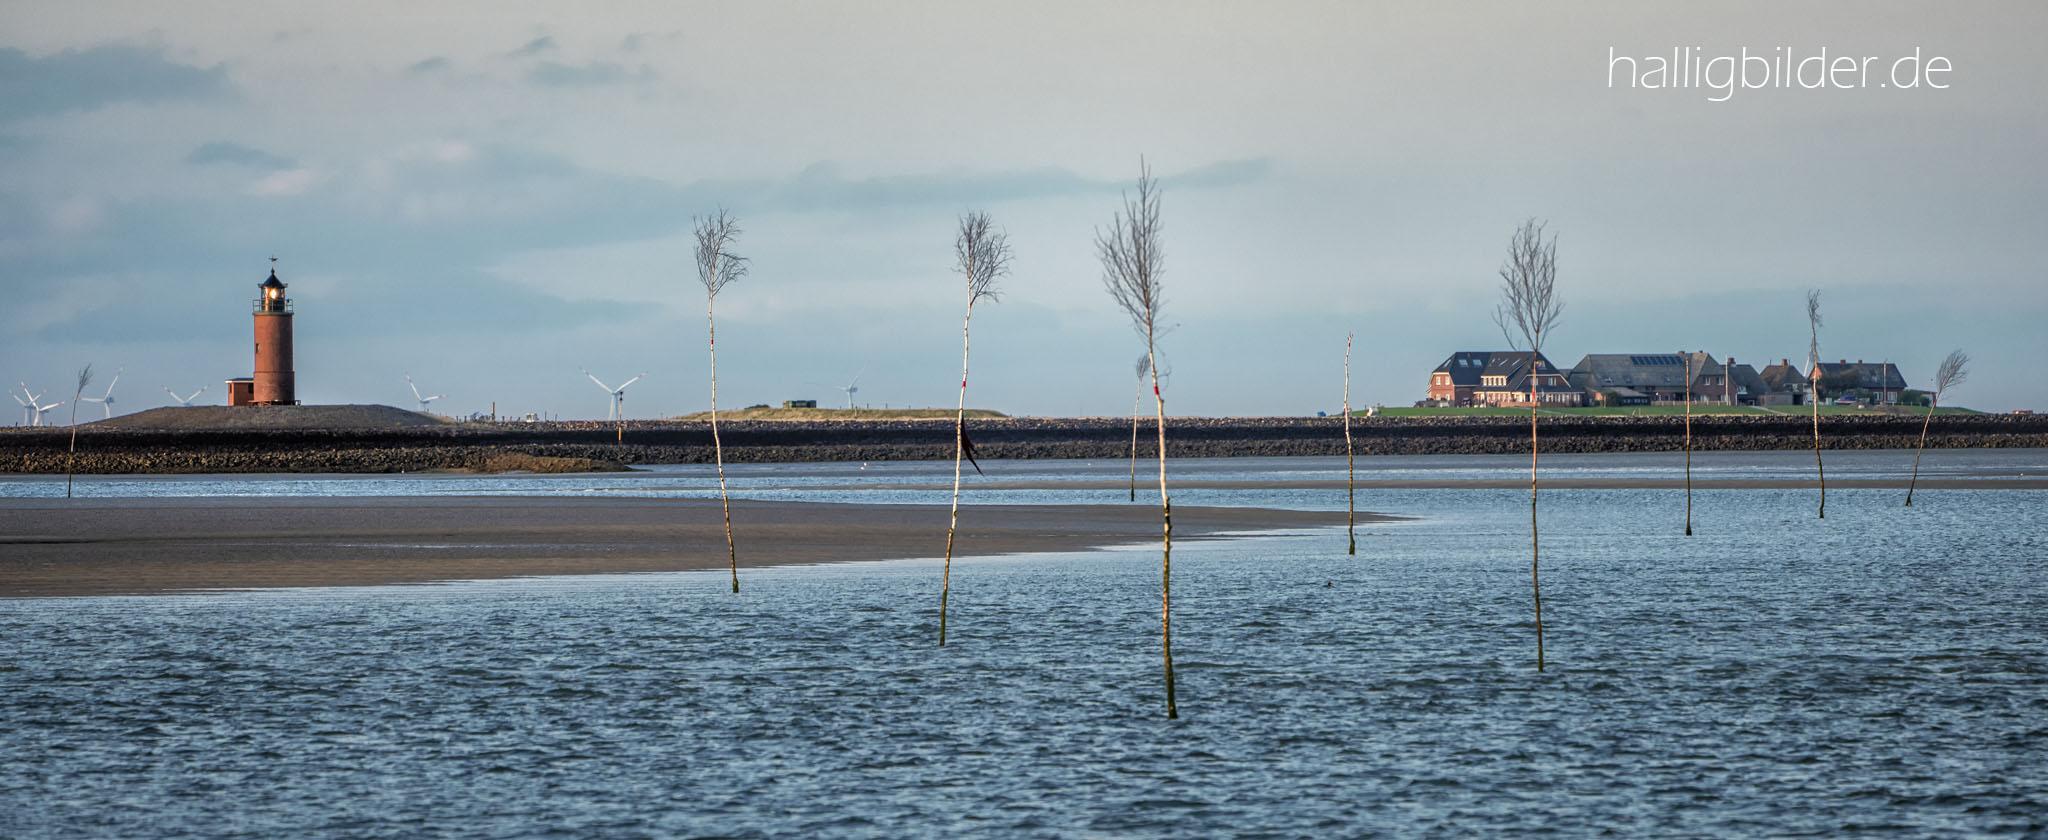 Fahrwasser-Pricken (Birkenbäumchen)  begrenzen die Fahrrinne im Wattenmeer, li. Hallig- Leuchtturm, re. Mayenswarf